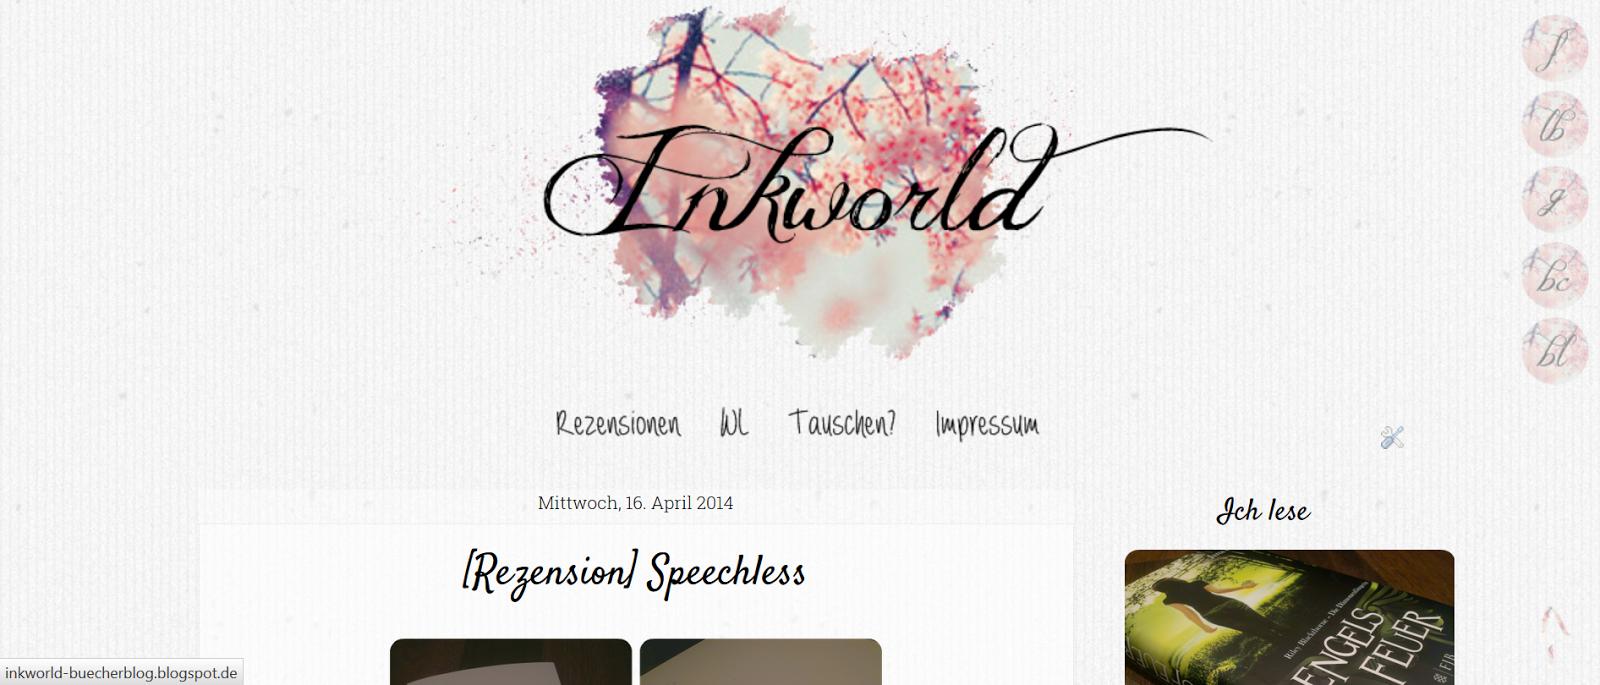 http://inkworld-buecherblog.blogspot.de/